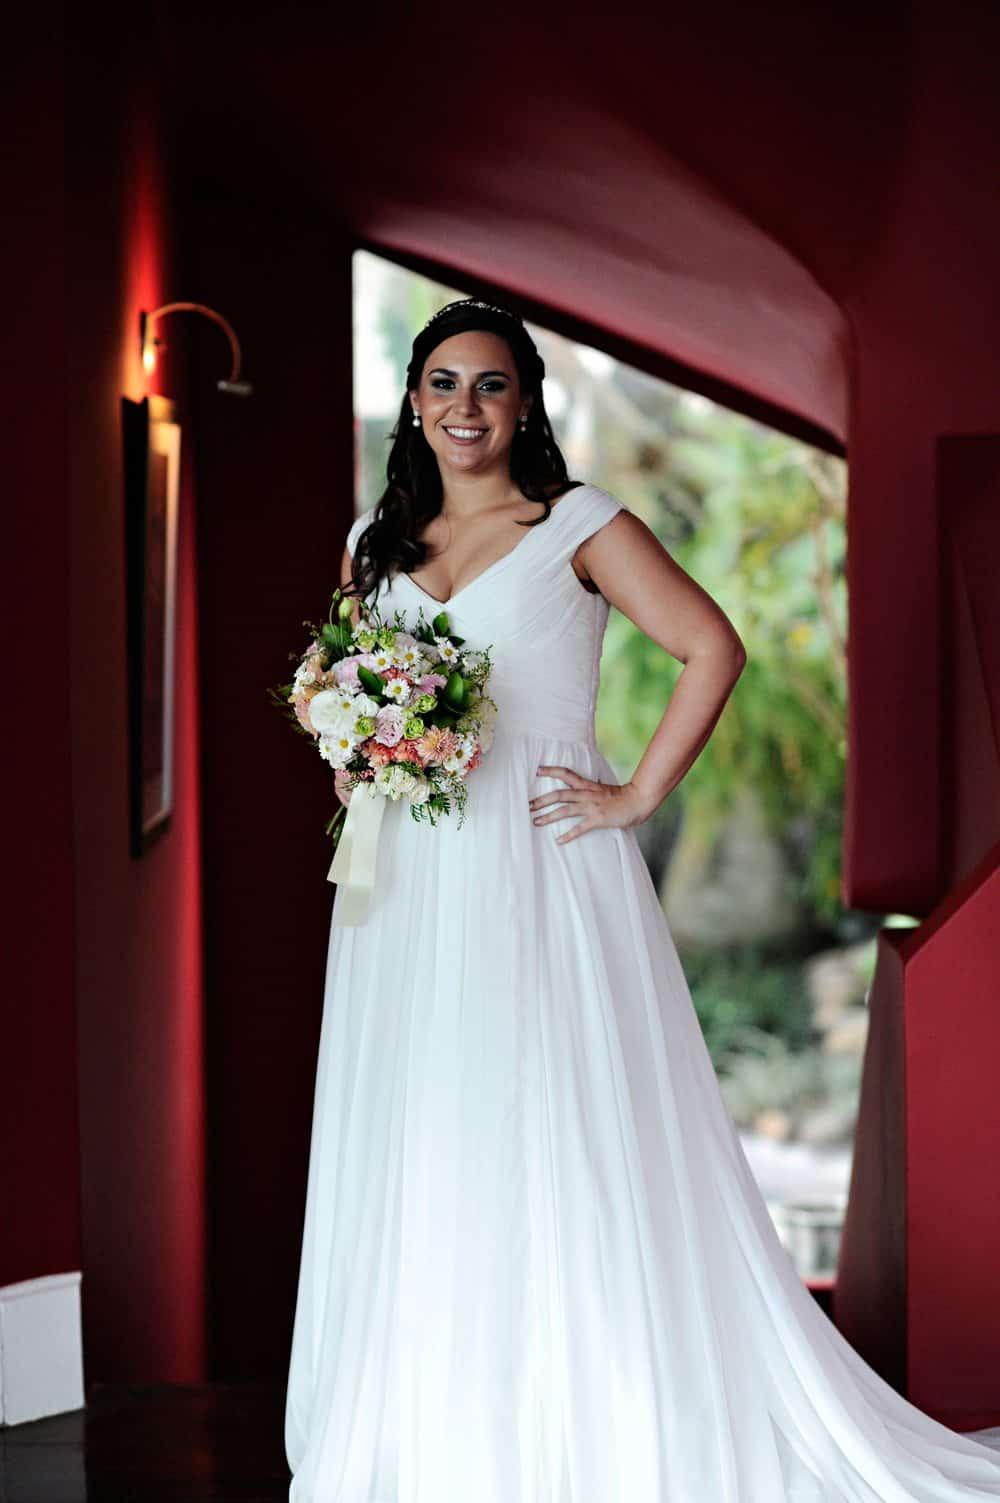 casamento-real-mariana-e-vinicius-caseme-23